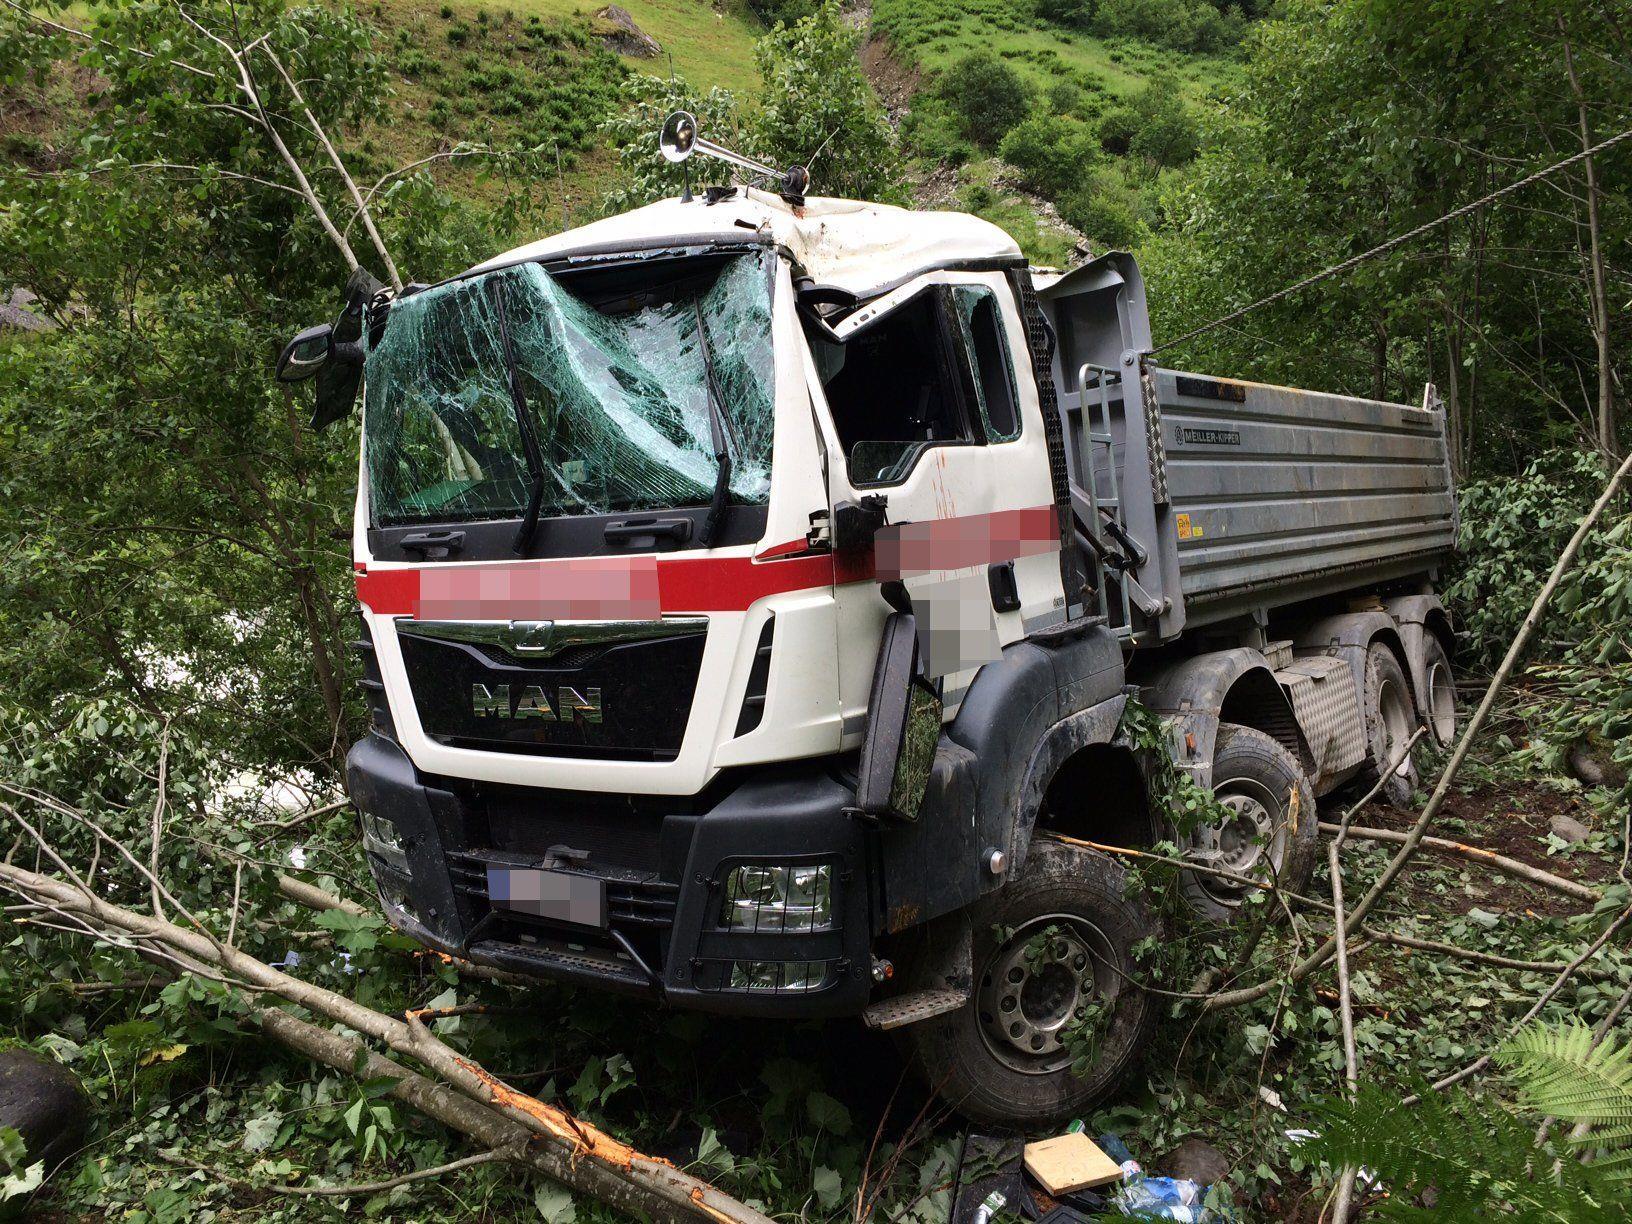 Der Lkw stürzte 30 Meter über eine steile Böschung ab.